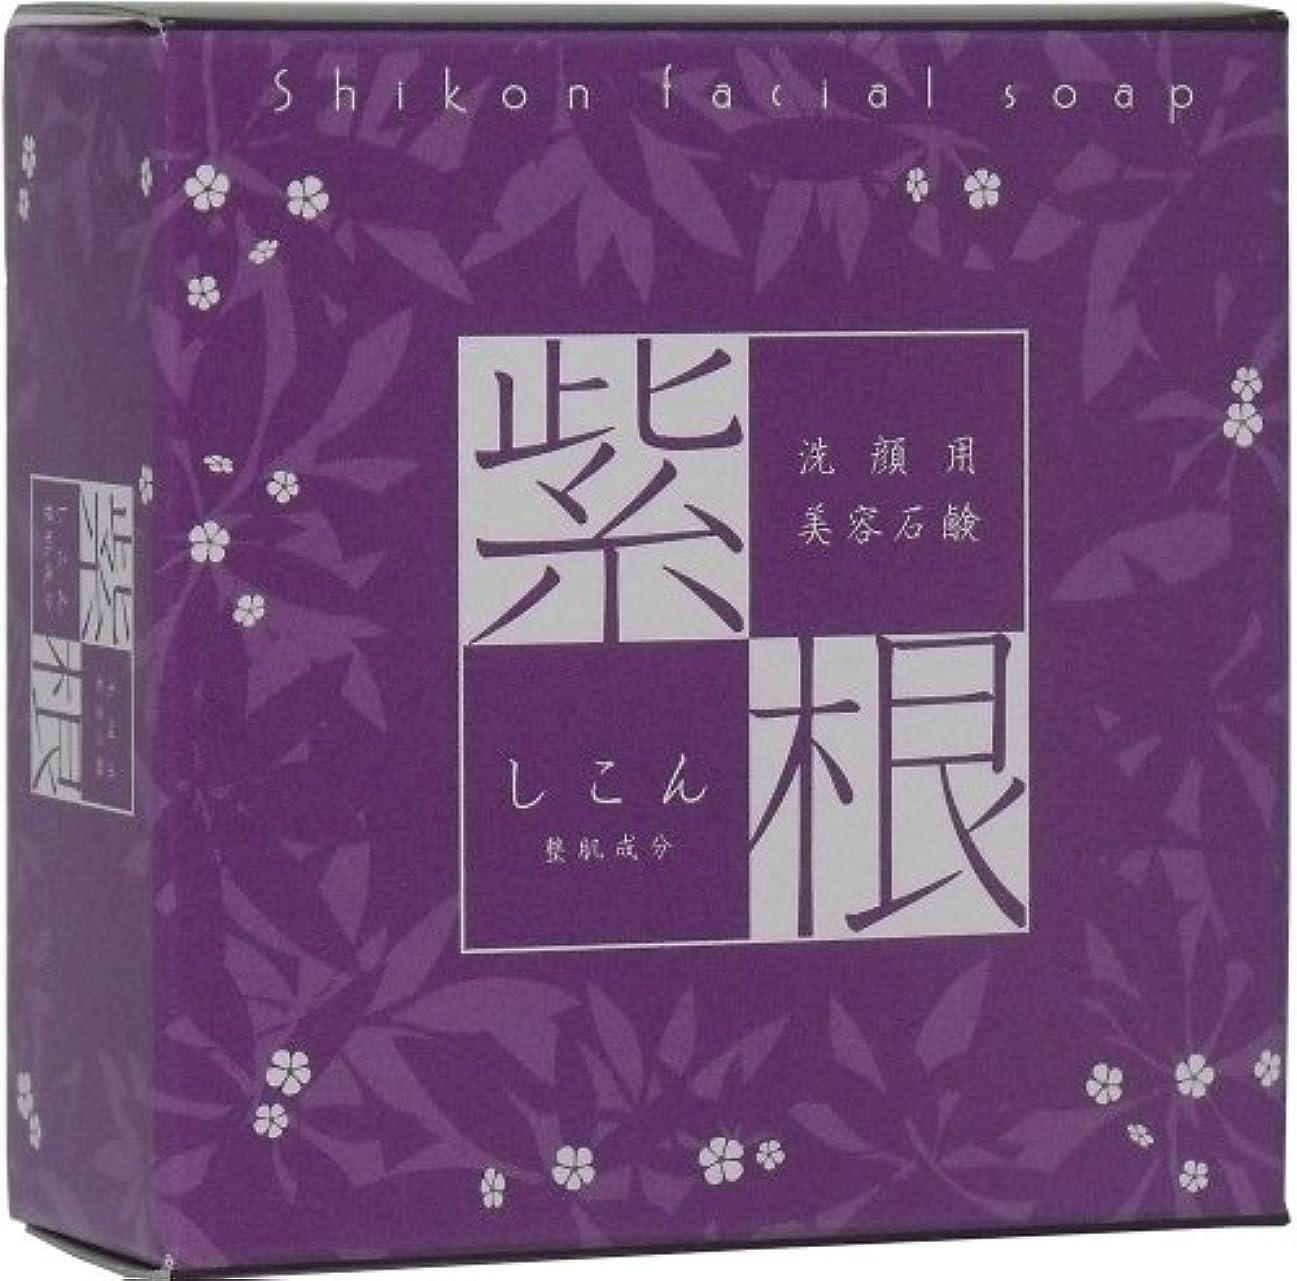 うめき声堂々たる展示会洗顔用 紫根石けん (泡立てネット付き) 100g